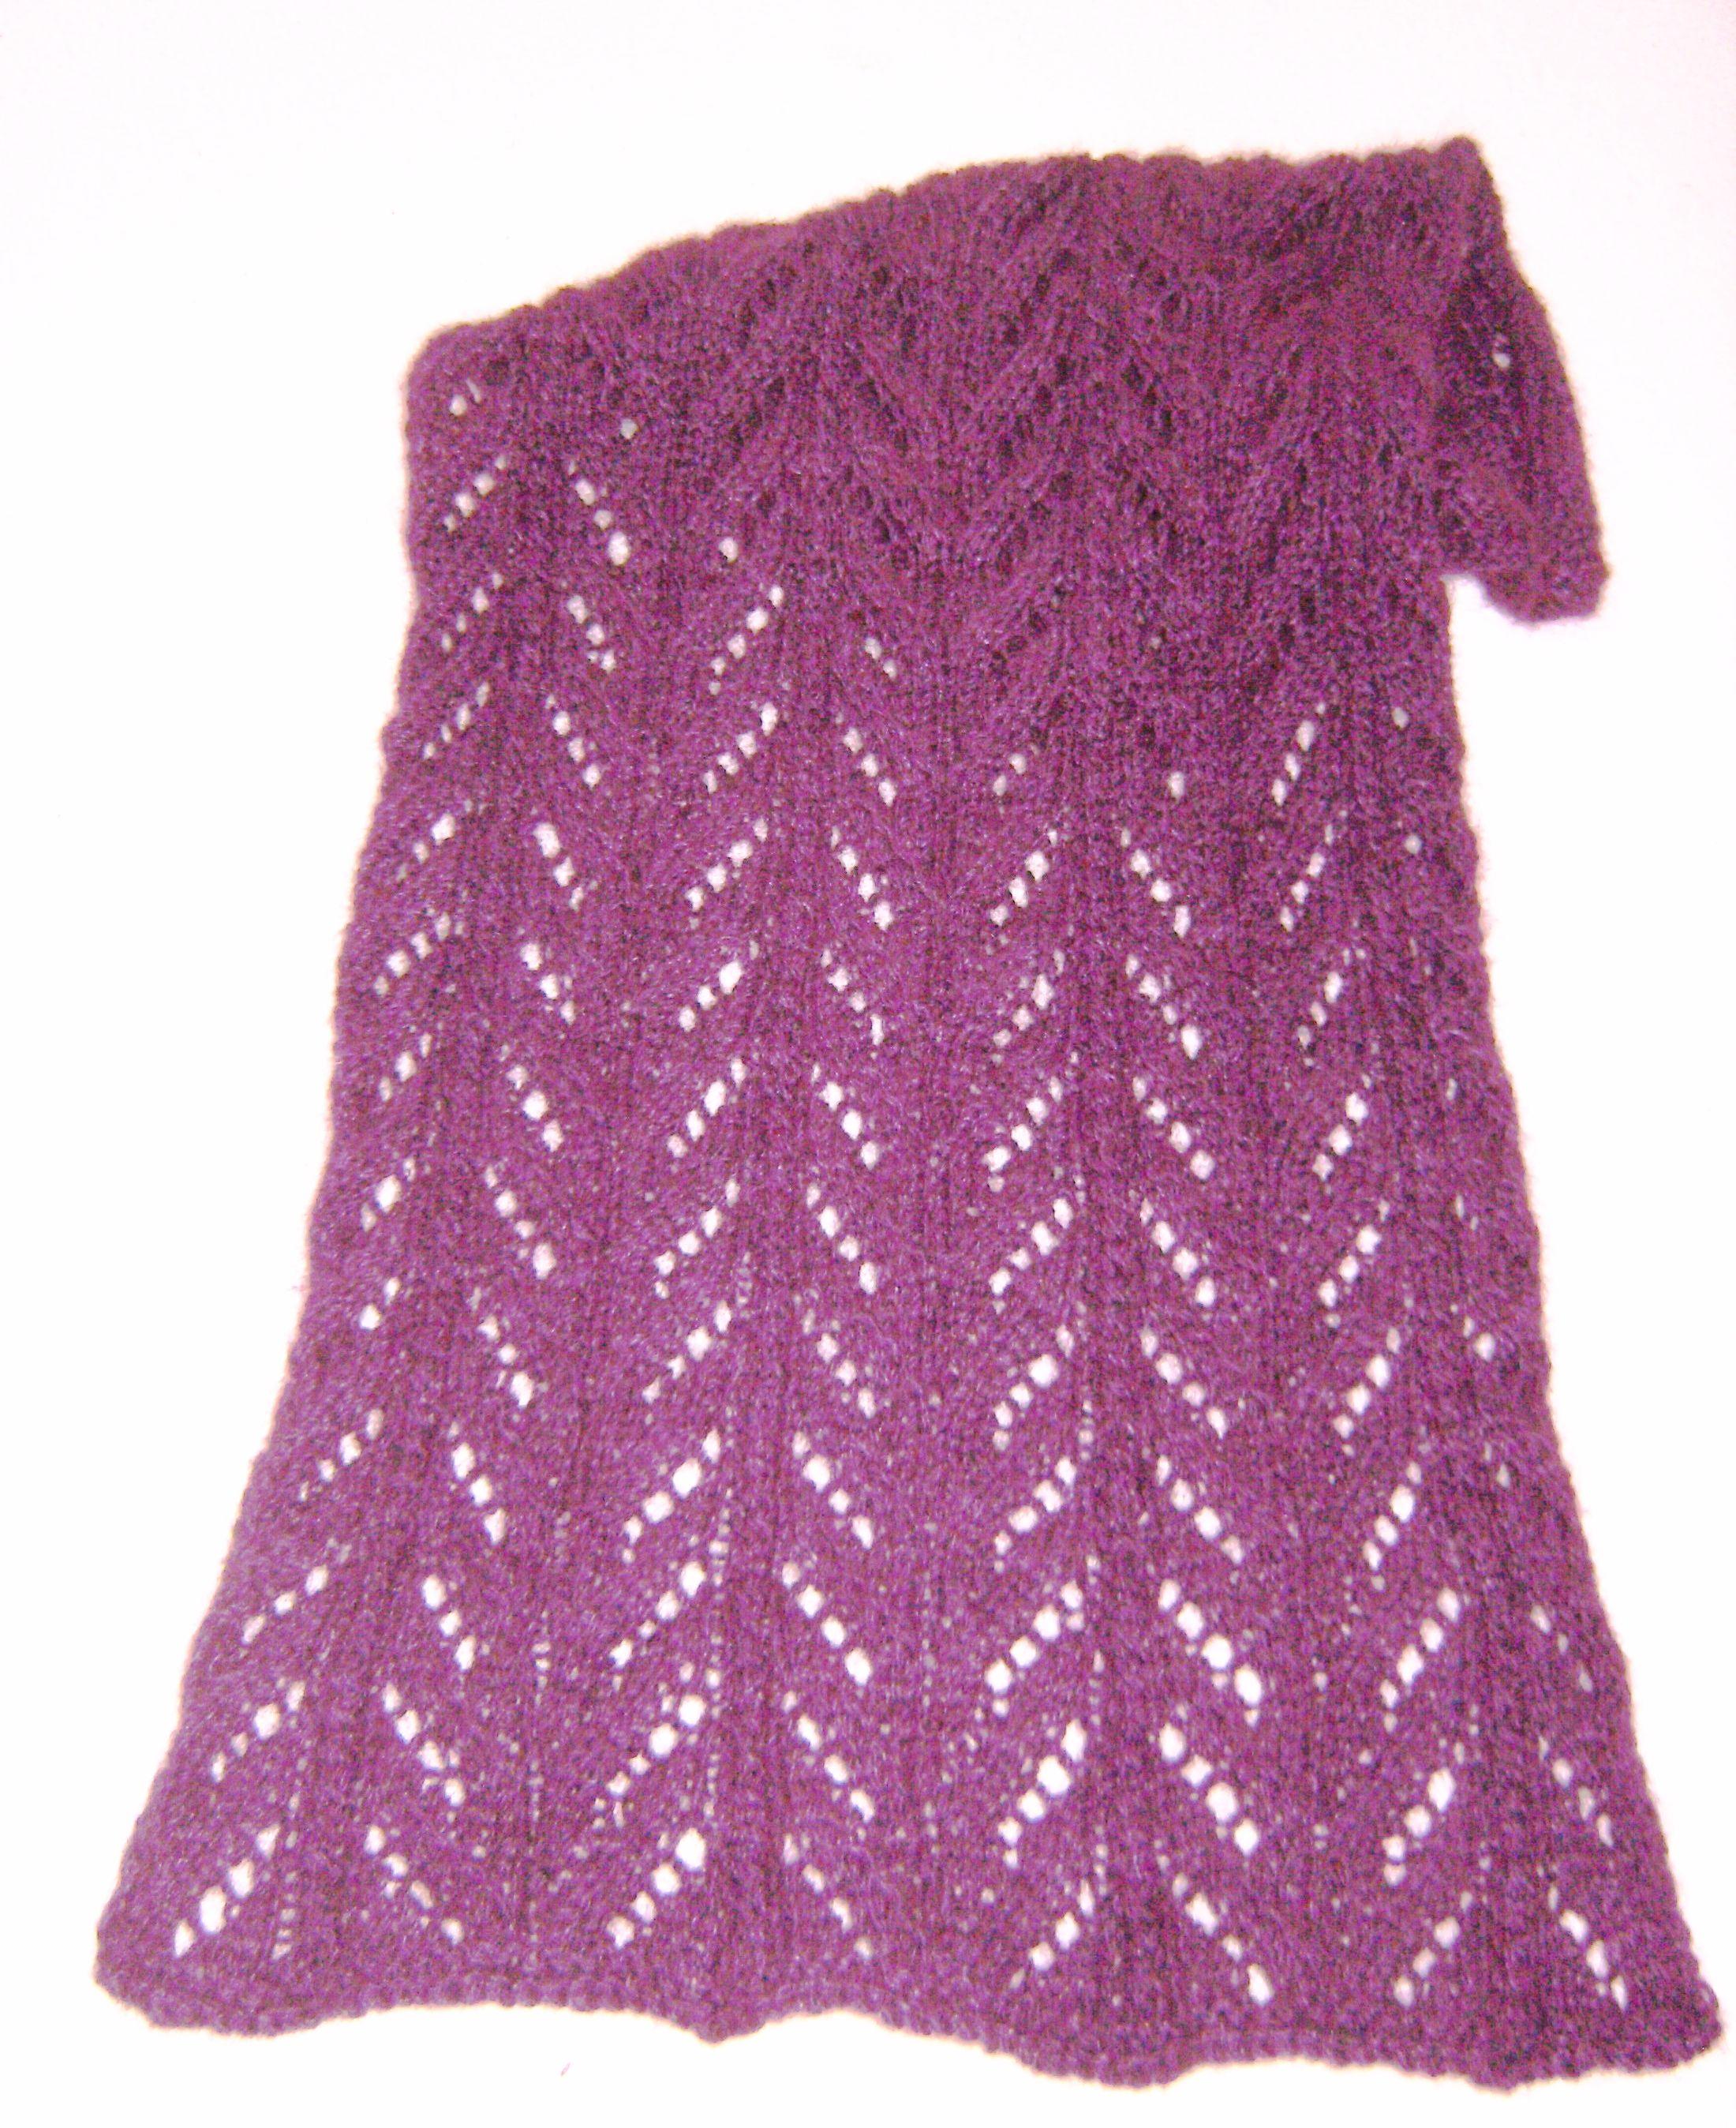 Crochet scarf pattern beginner free scarf crochet patterns for crochet scarf pattern beginner free scarf crochet patterns for beginners pictures crochet scarf free bankloansurffo Gallery